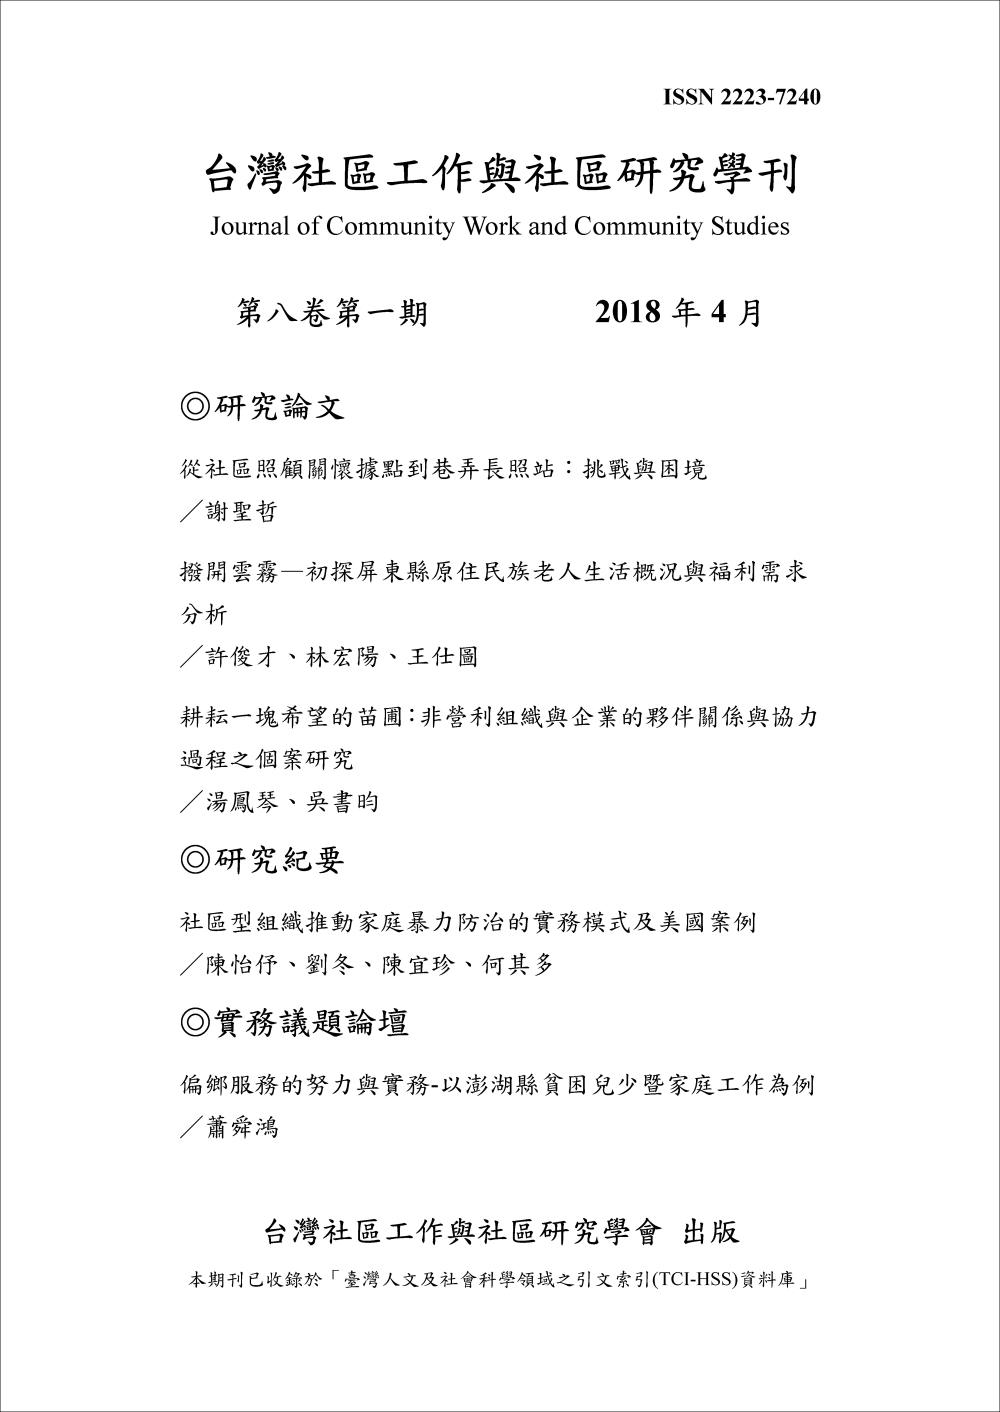 台灣社區工作與社區研究學刊 2018 第8卷第1期